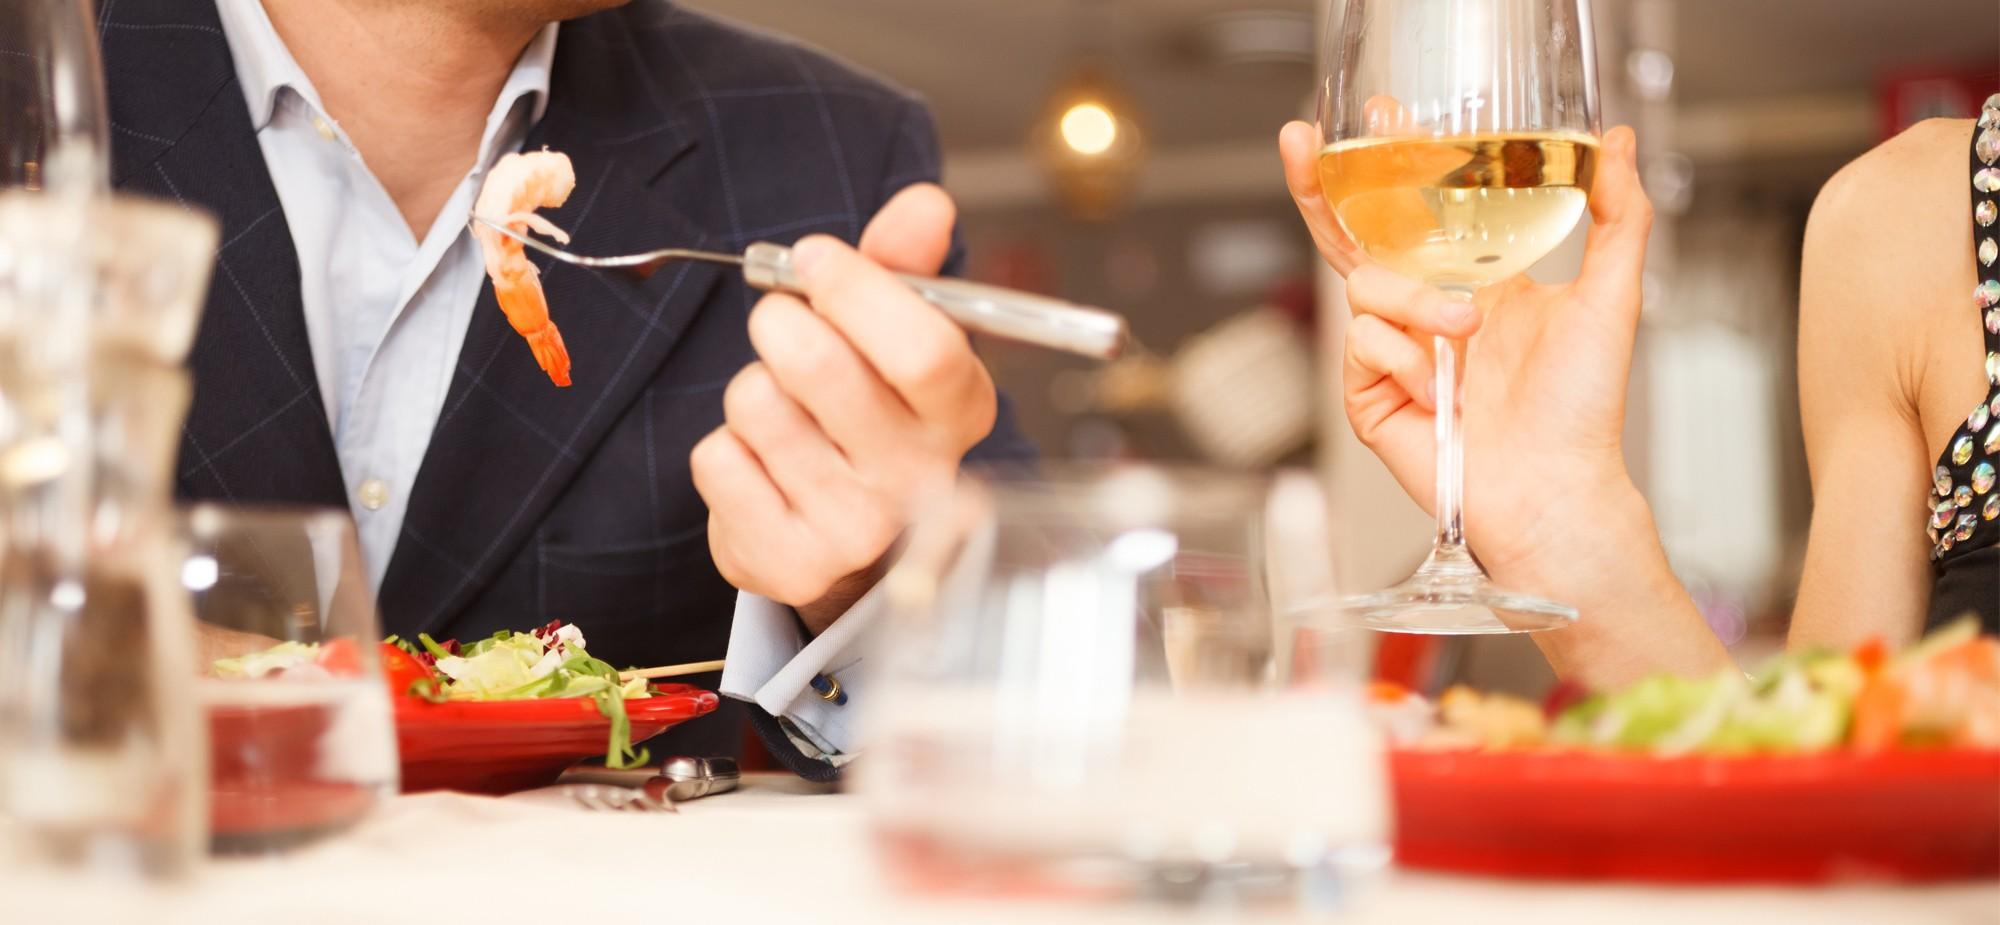 Uiteten geen voor gerecht eten man man slim omgaan met geld besparen